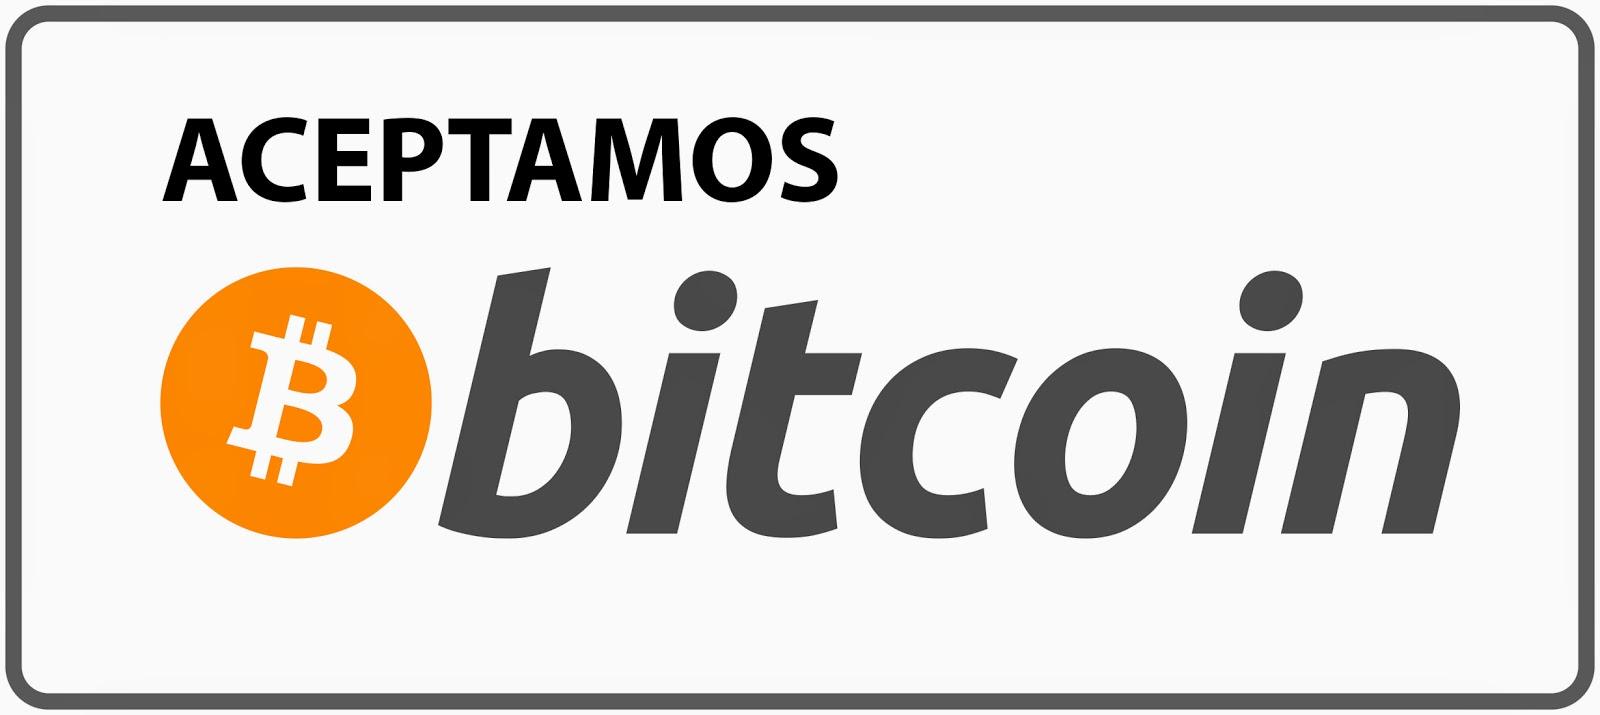 http://4.bp.blogspot.com/-6bpVByqwGGM/U870s9T8zkI/AAAAAAAAfck/xCldn7WMTmA/s1600/aceptamos_bitcoin.jpg